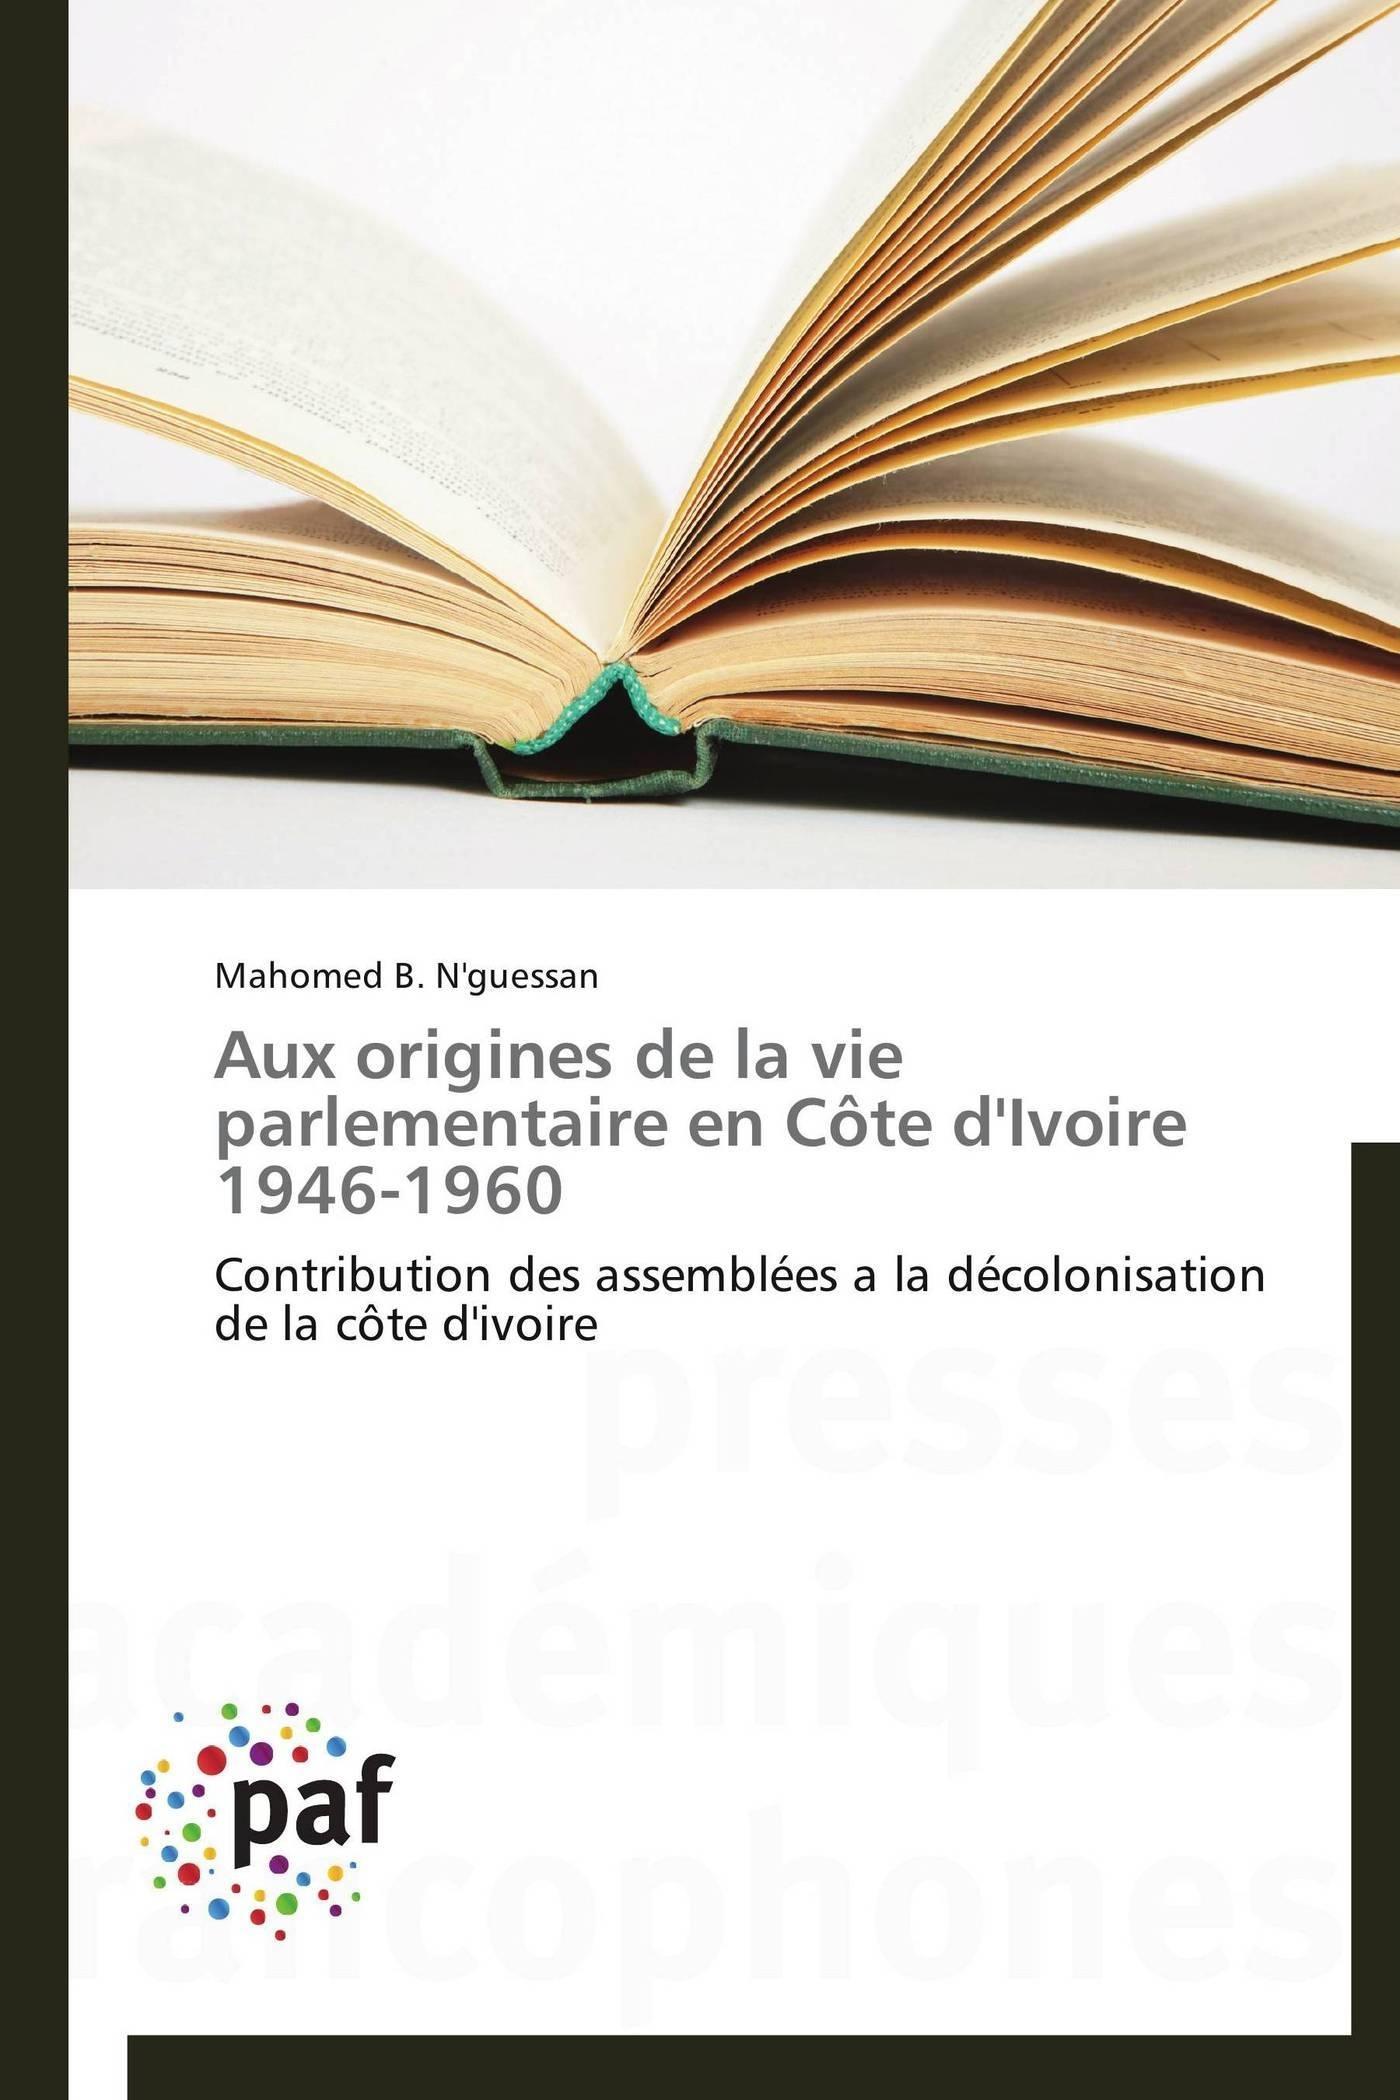 AUX ORIGINES DE LA VIE PARLEMENTAIRE EN COTE D'IVOIRE 1946-1960